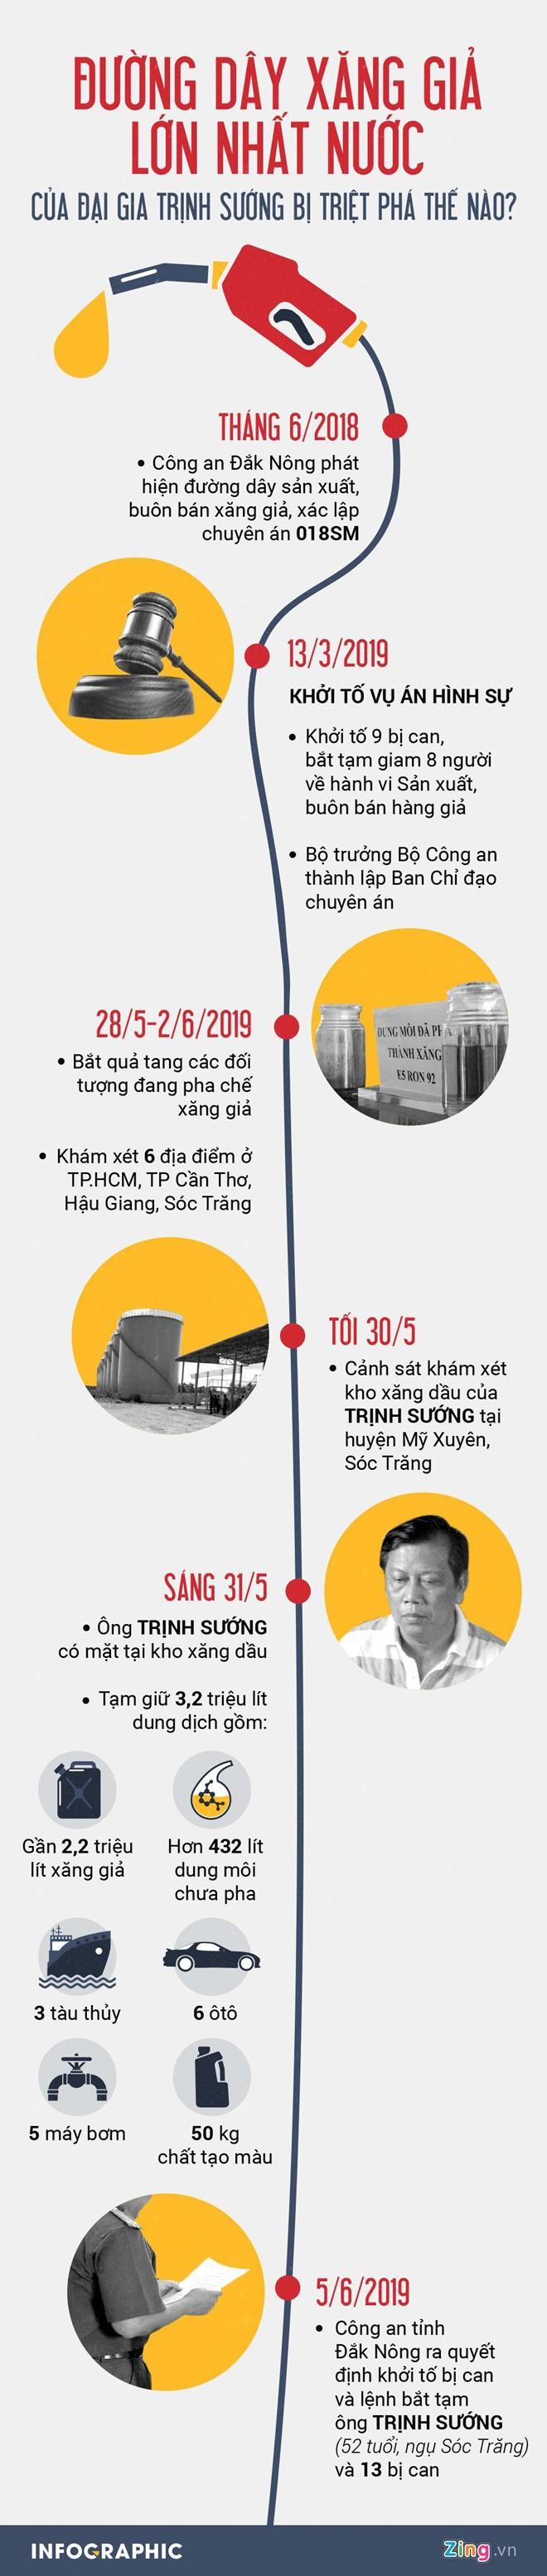 Xăng giả của đại gia Trịnh Sướng bán ra đến các tỉnh phía Bắc - Ảnh 2.